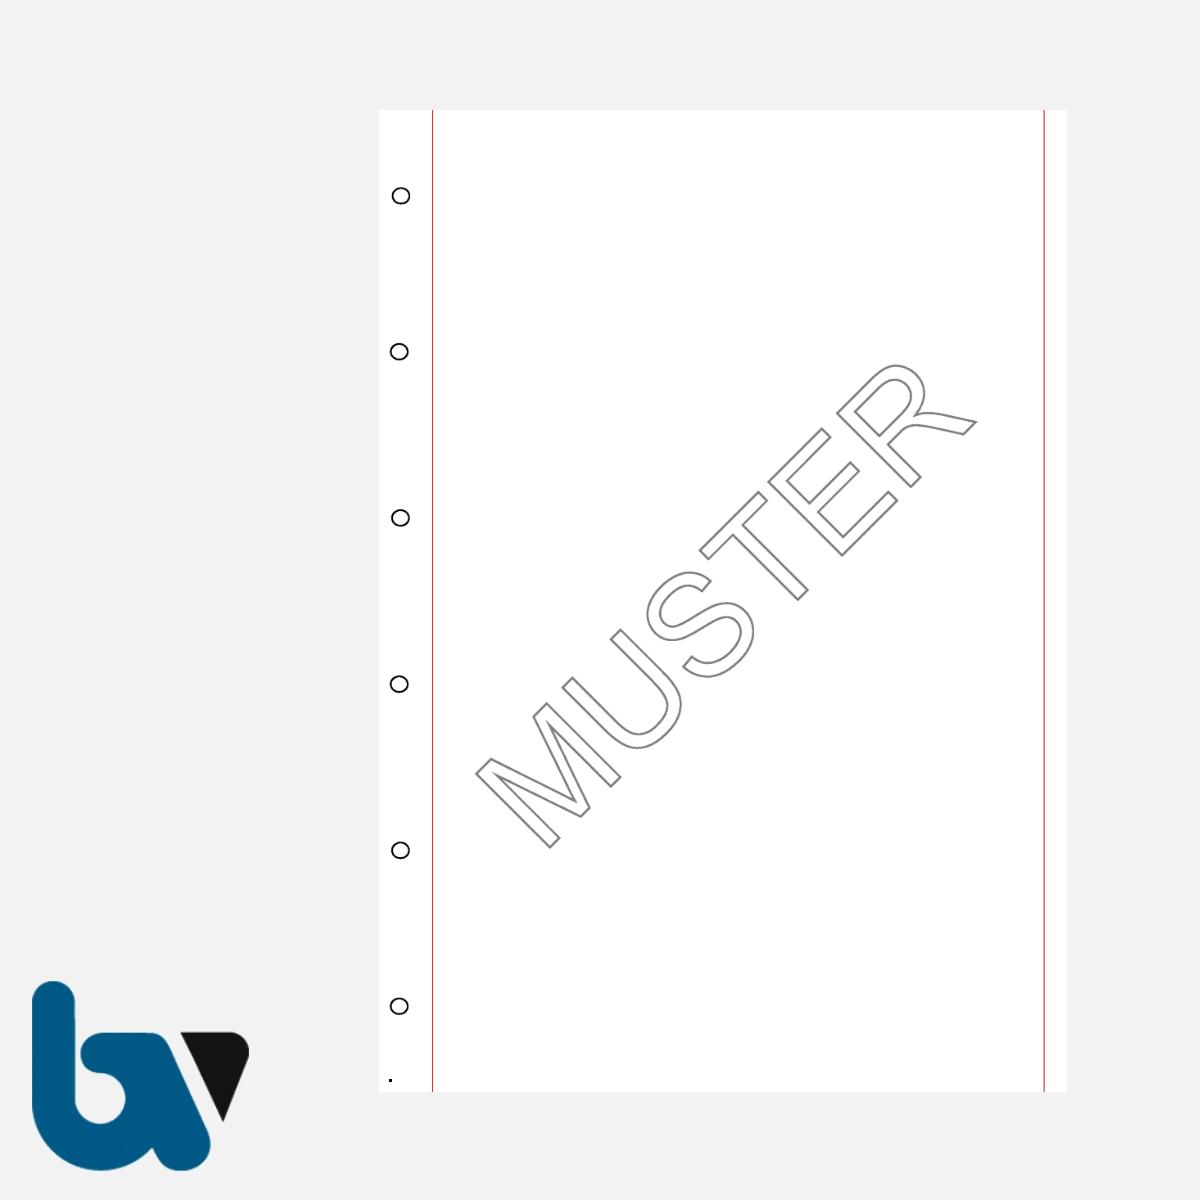 0/168-5.1gs Sicherheitspapier Standesamt Personenstand Urkunde Kopierschutz Scan Dokument 6-fach Lochung rot Schmuckrand Stammbuch 130 200 | Borgard Verlag GmbH